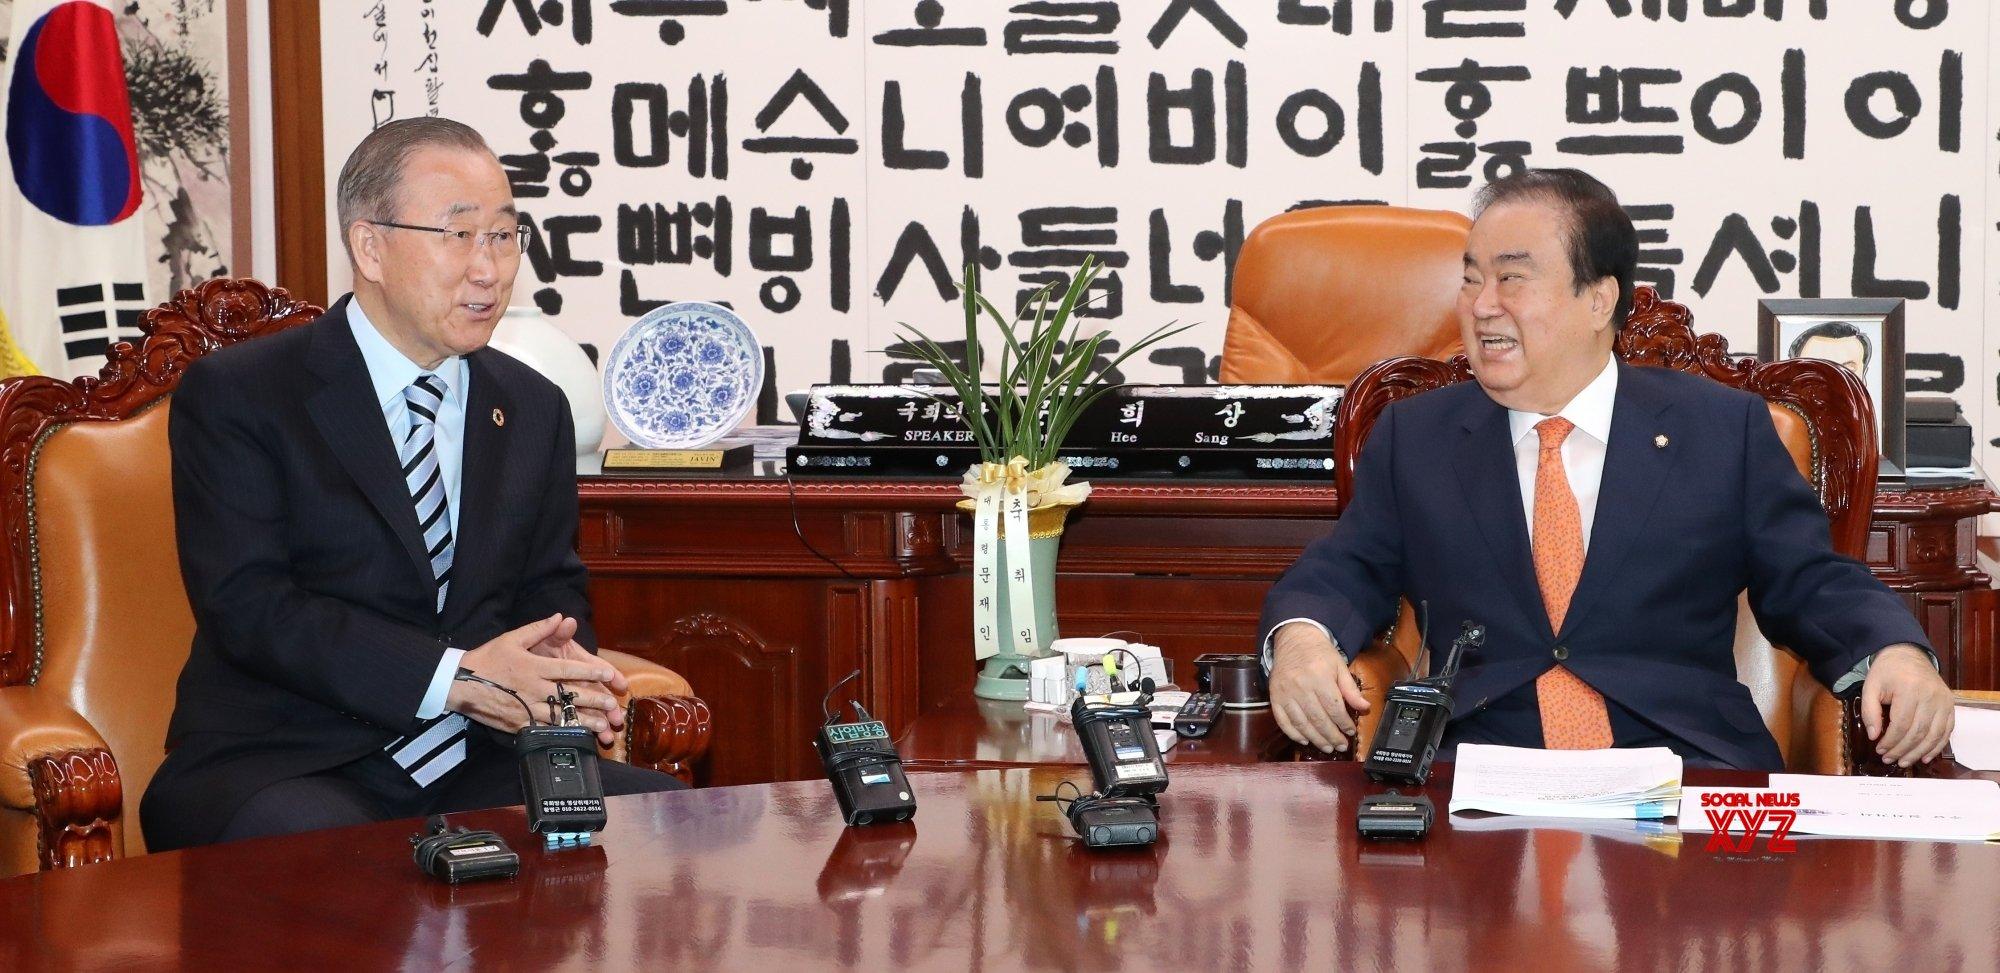 Seoul: Speaker meets ex - U.N. chief #Gallery